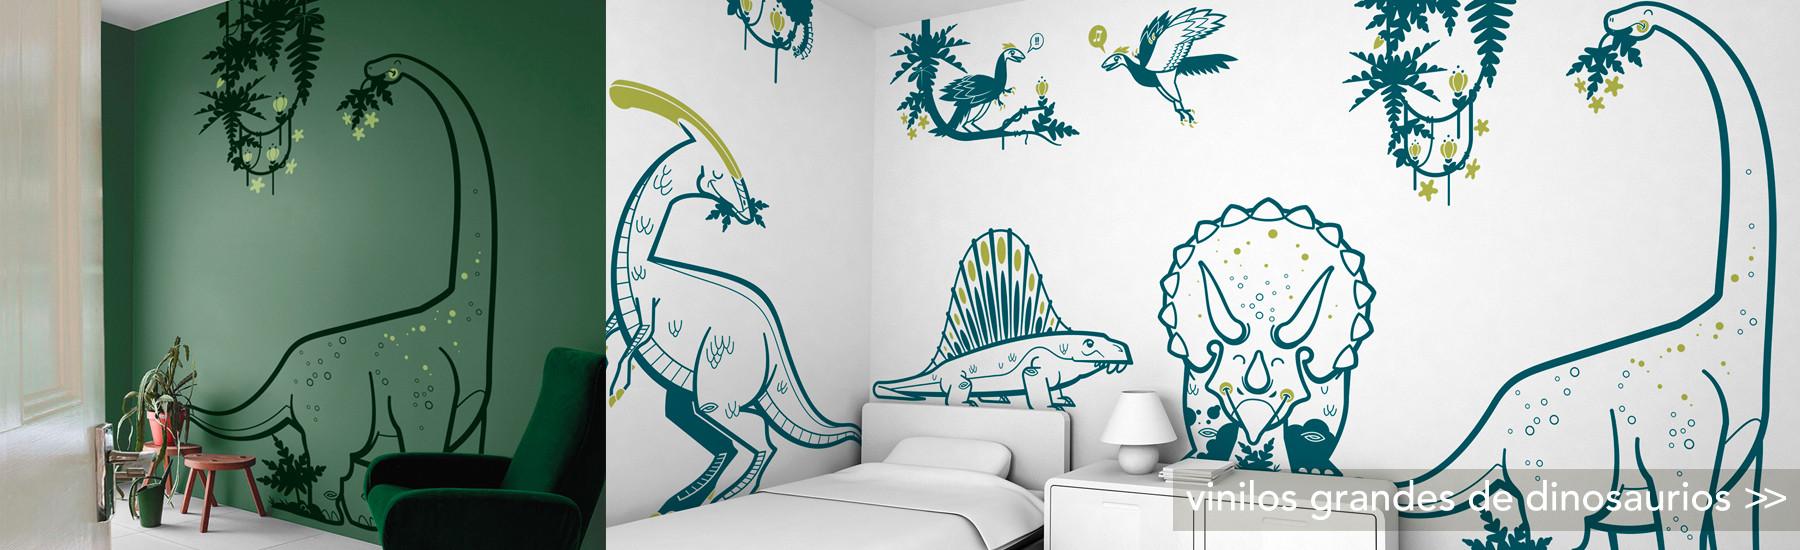 vinilos grandes de dinosaurios XXL, decoración de pared infantil